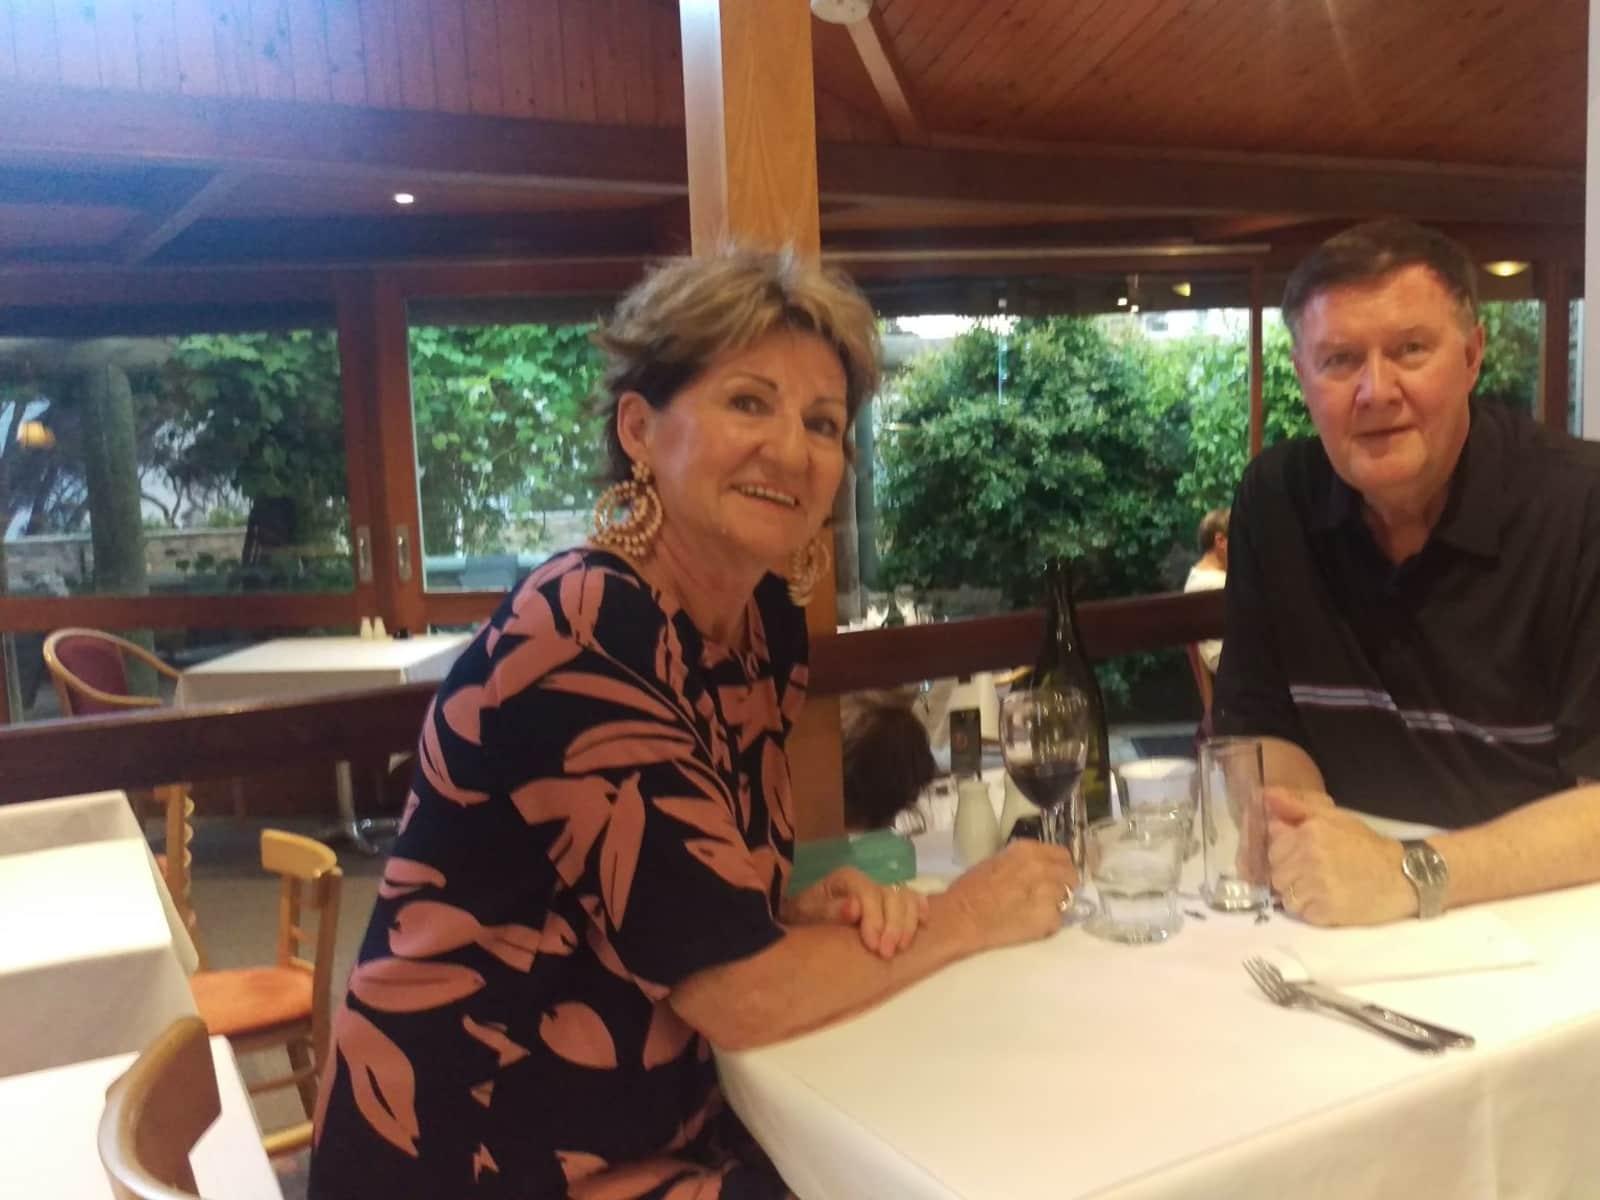 John & Marlene from Adelaide, South Australia, Australia